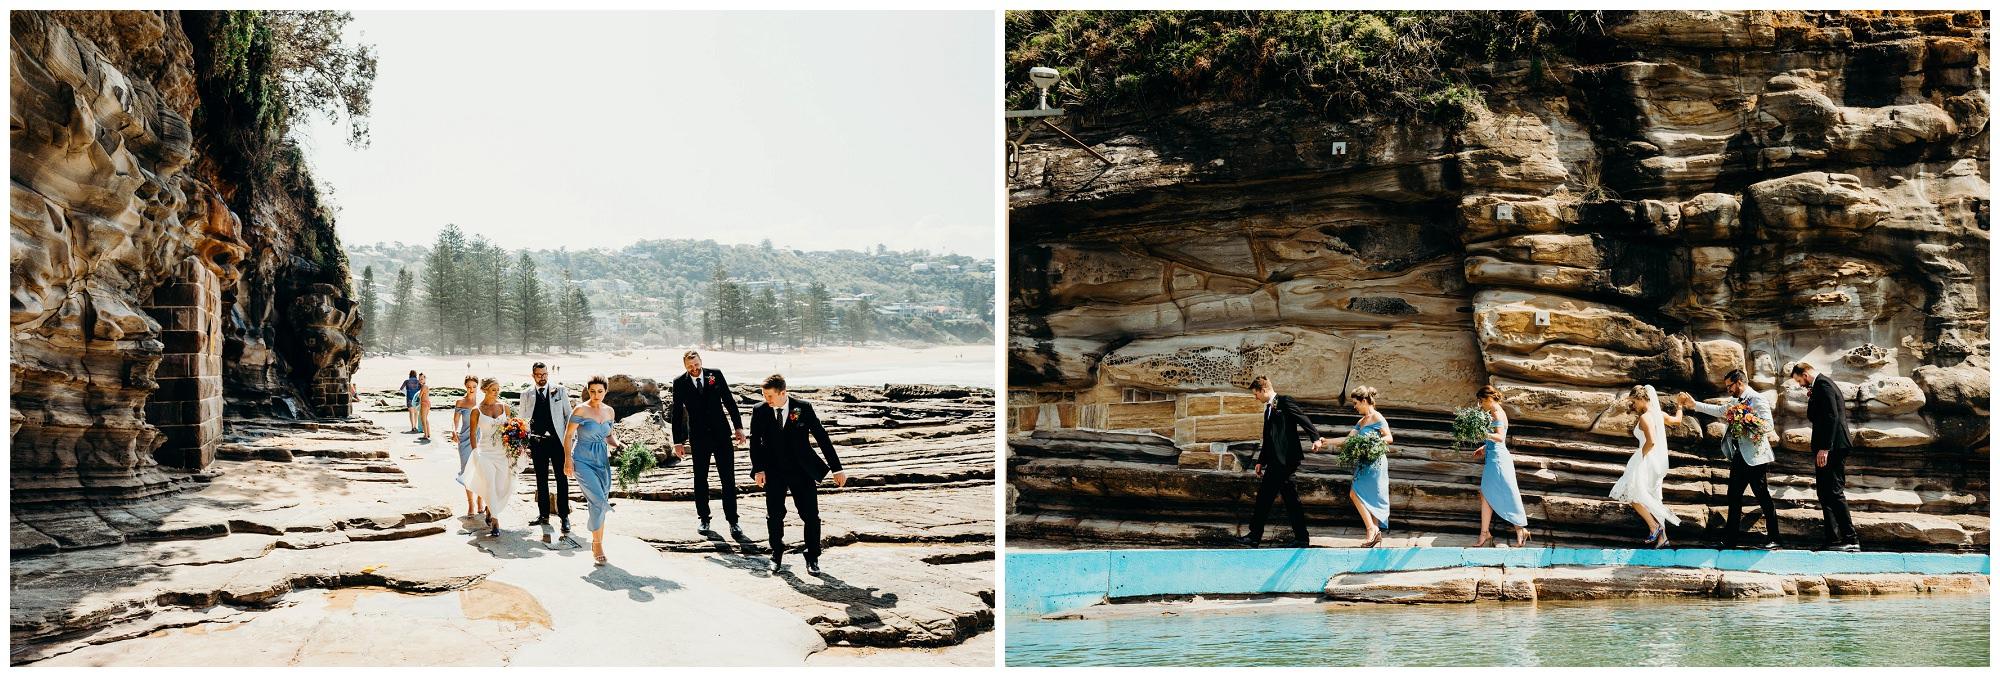 moby dick whale beach sydney photographer_0404.jpg